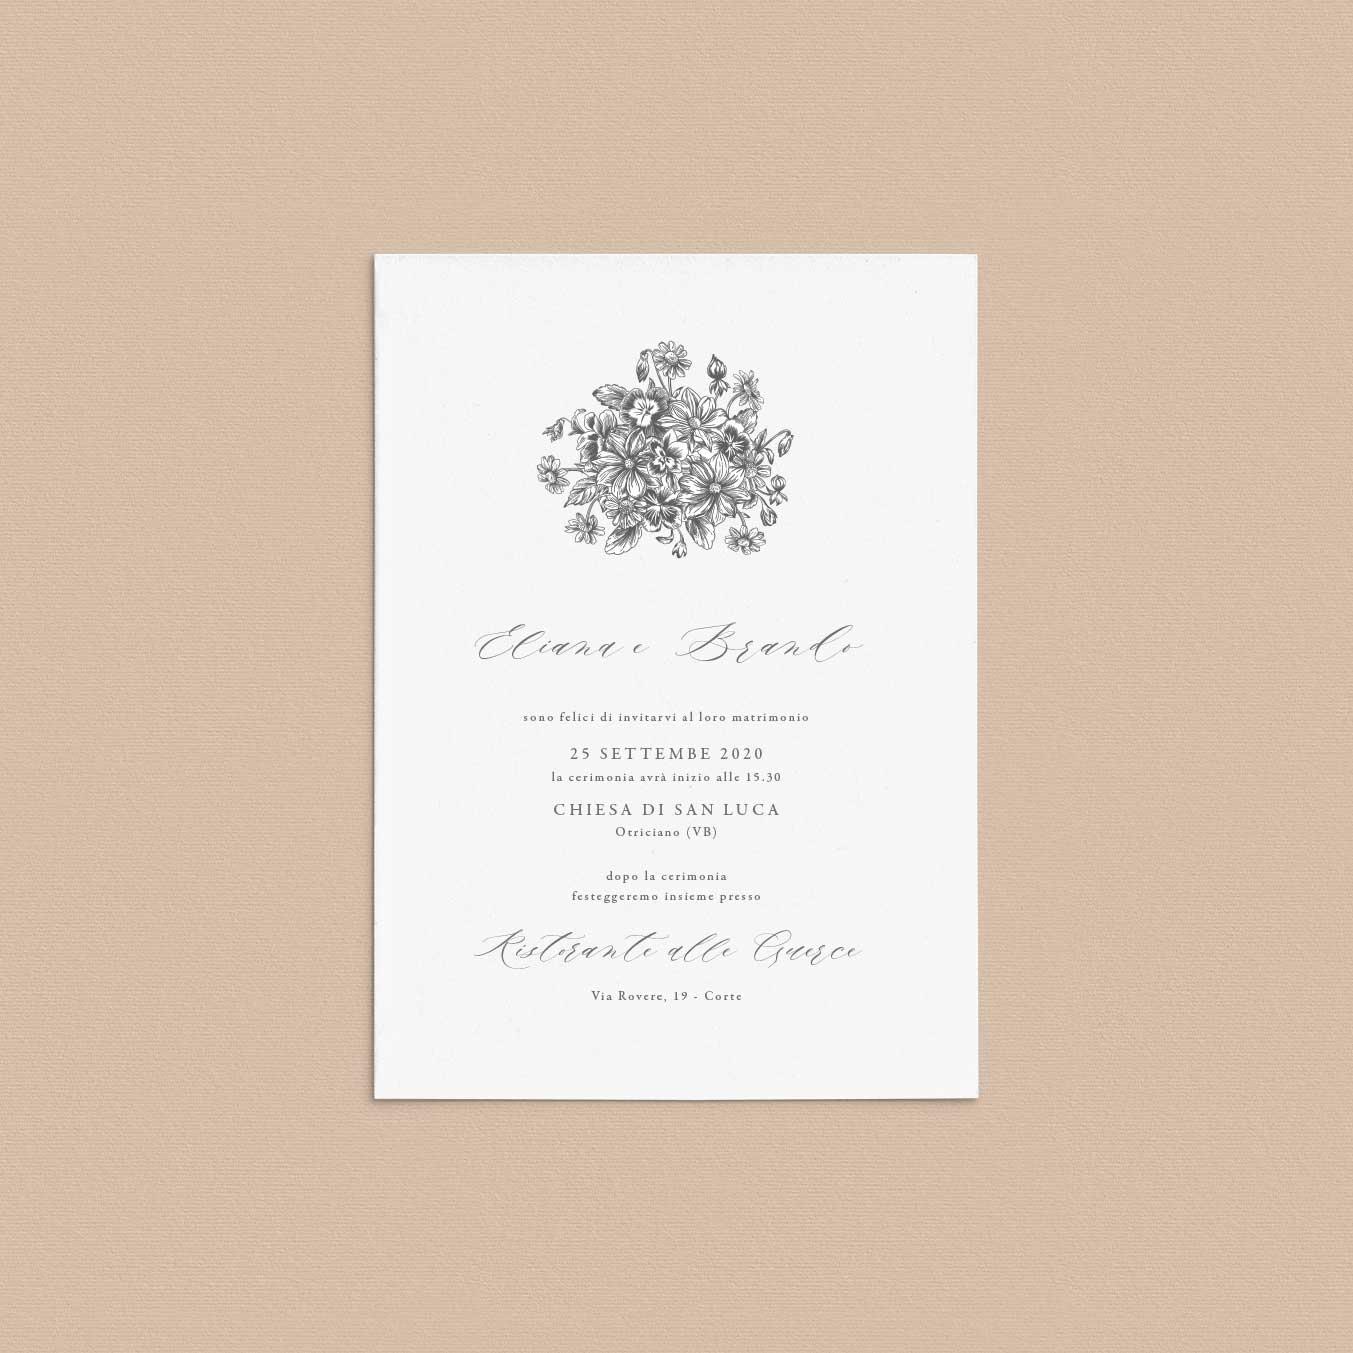 Inviti-di-matrimonio-partecipazioni-di-nozze-fiori-flower-girasoli-tulipani-peonie-elegante-fiore-tema